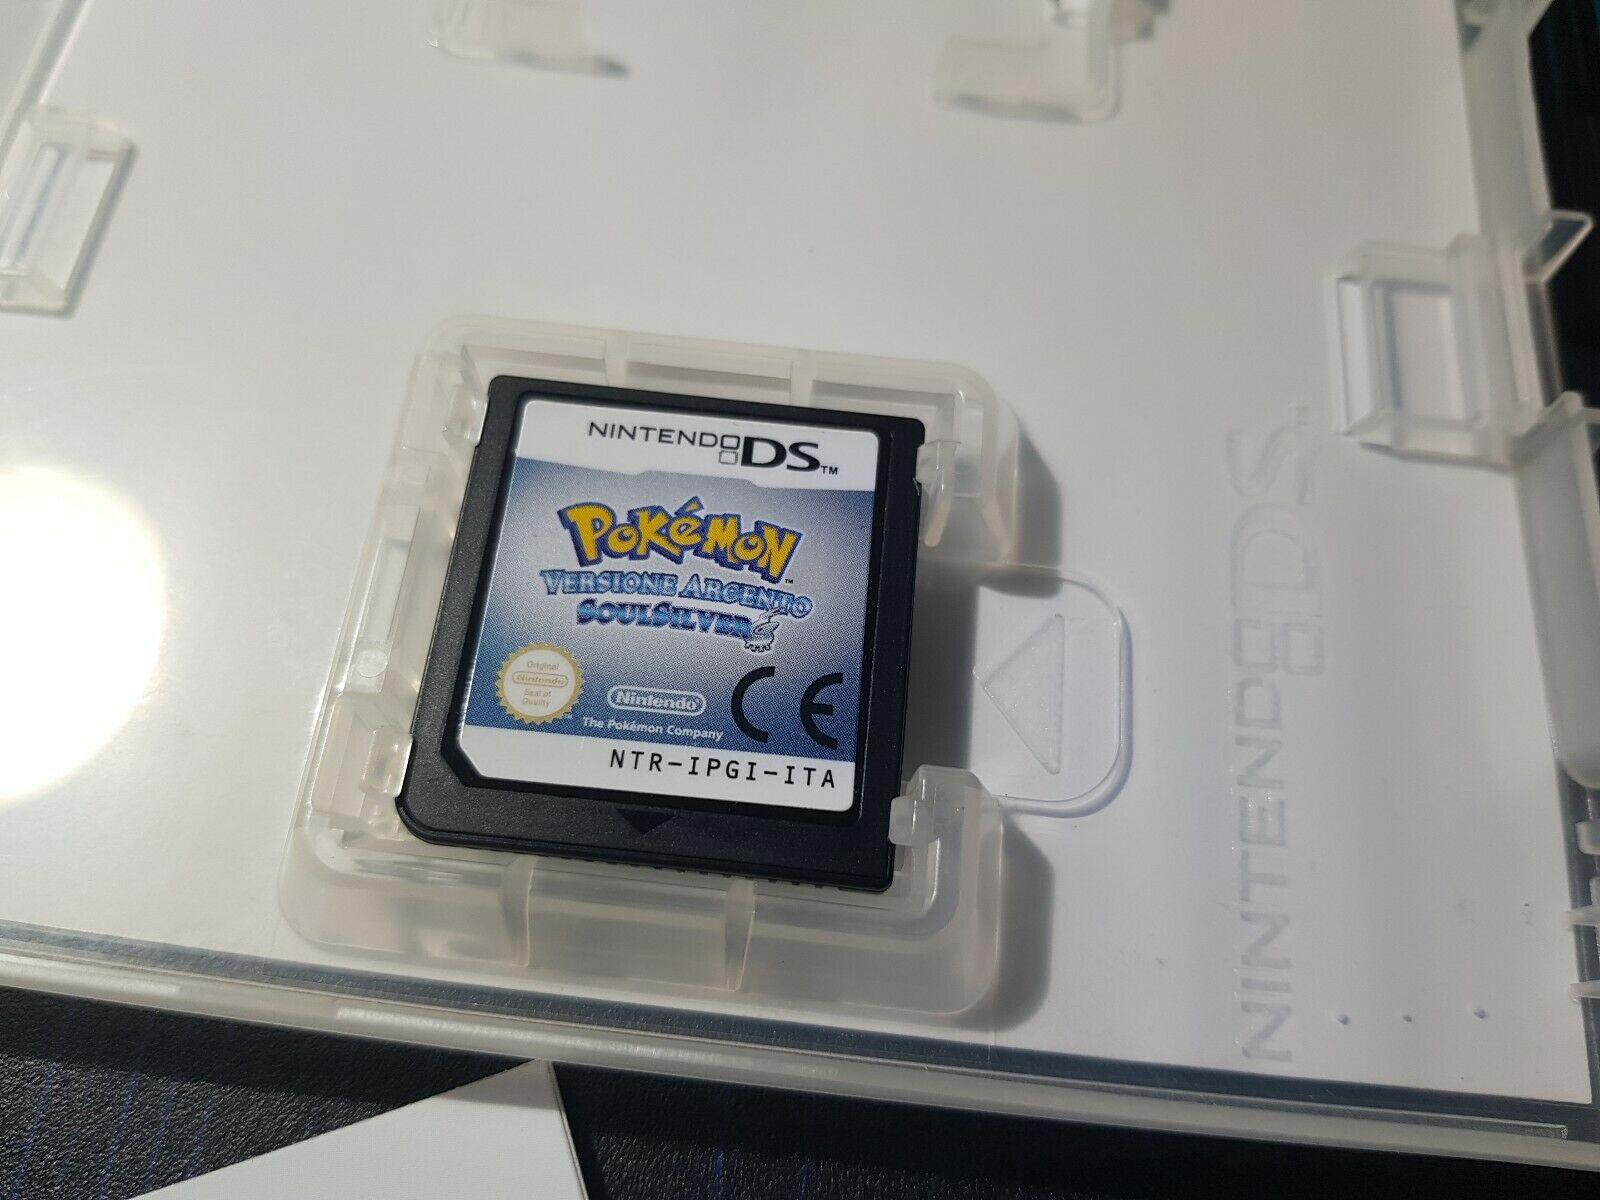 Scheda di gioco di Pokémon Versione Argento SoulSilver